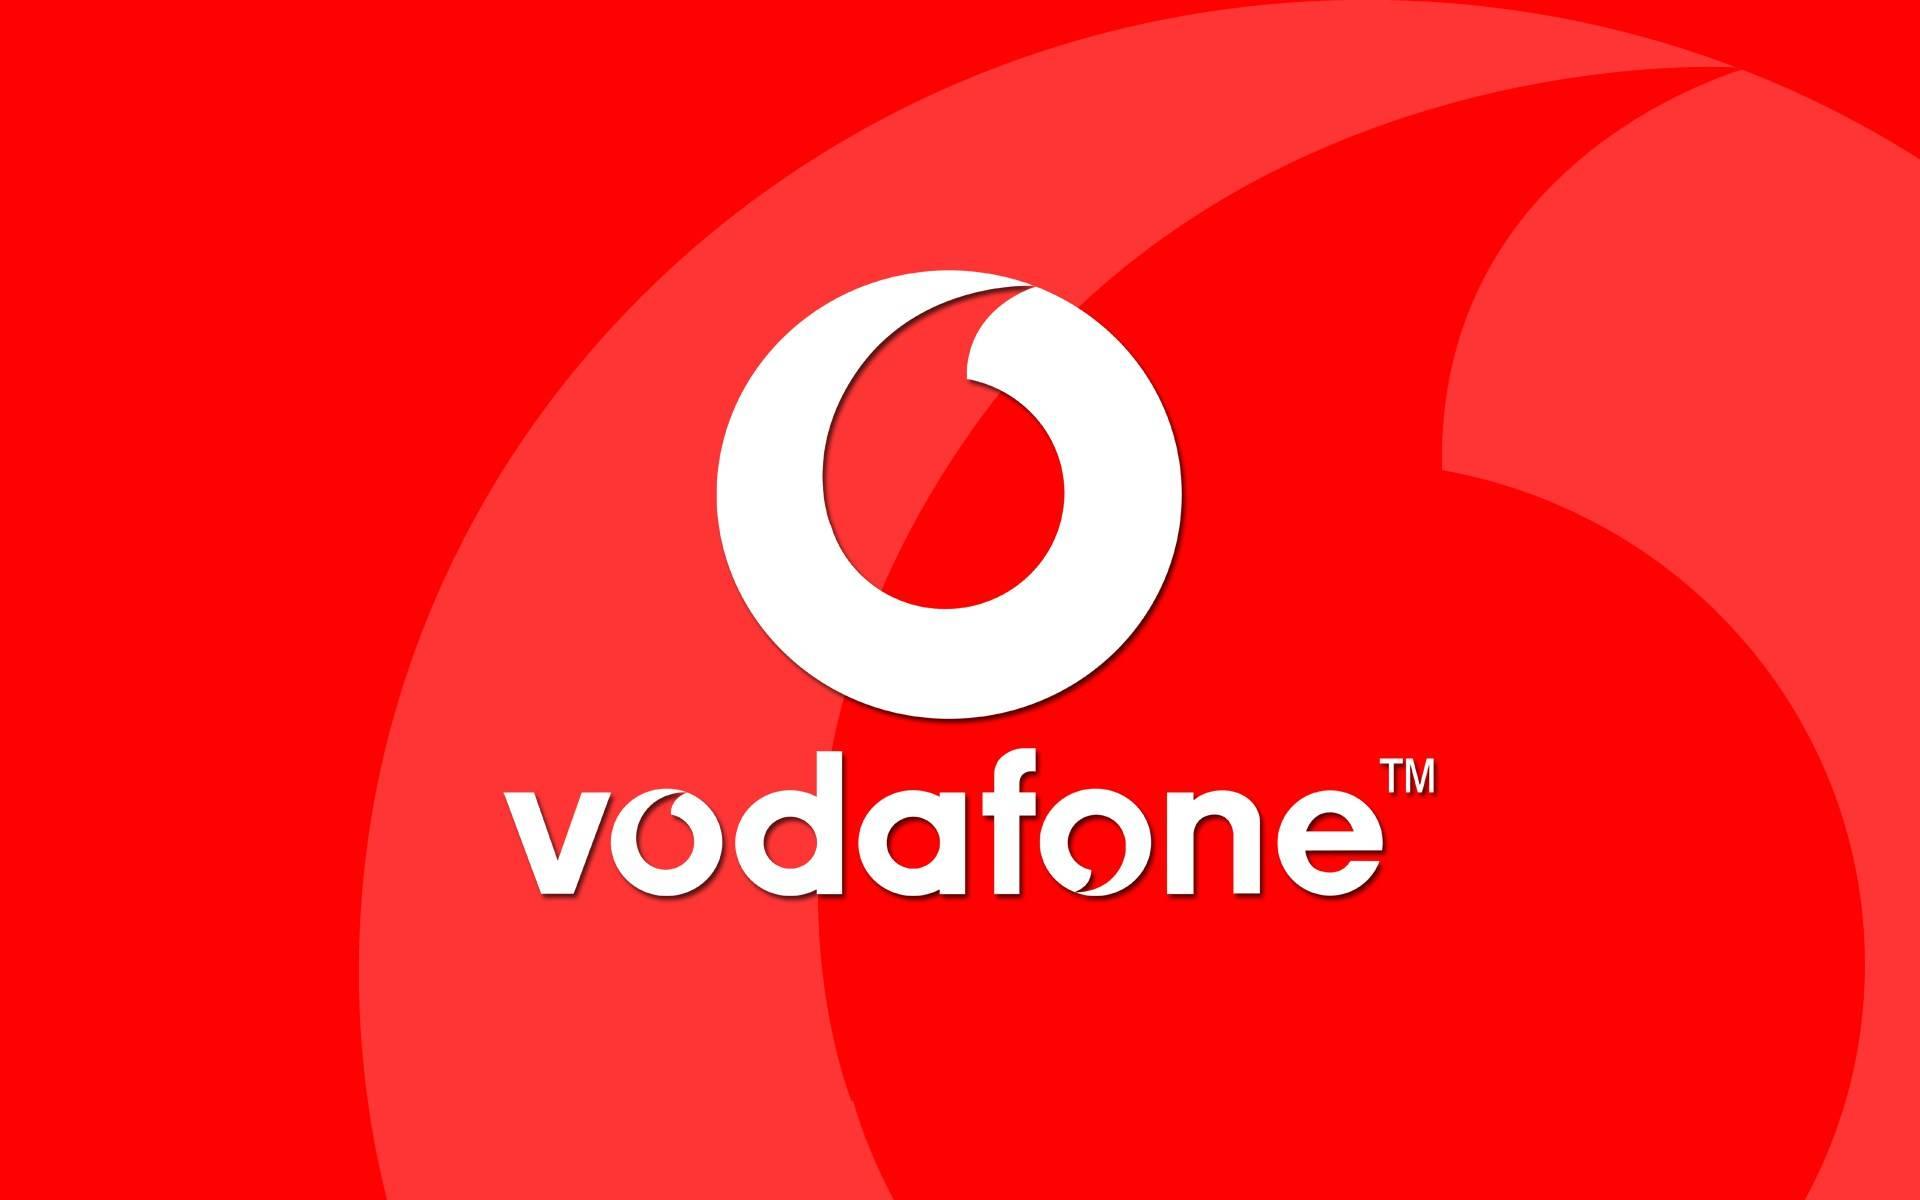 Vodafone. Weekend-ul Acesta TREBUIE sa PROFITI de Telefoanele care au Promotii Mari